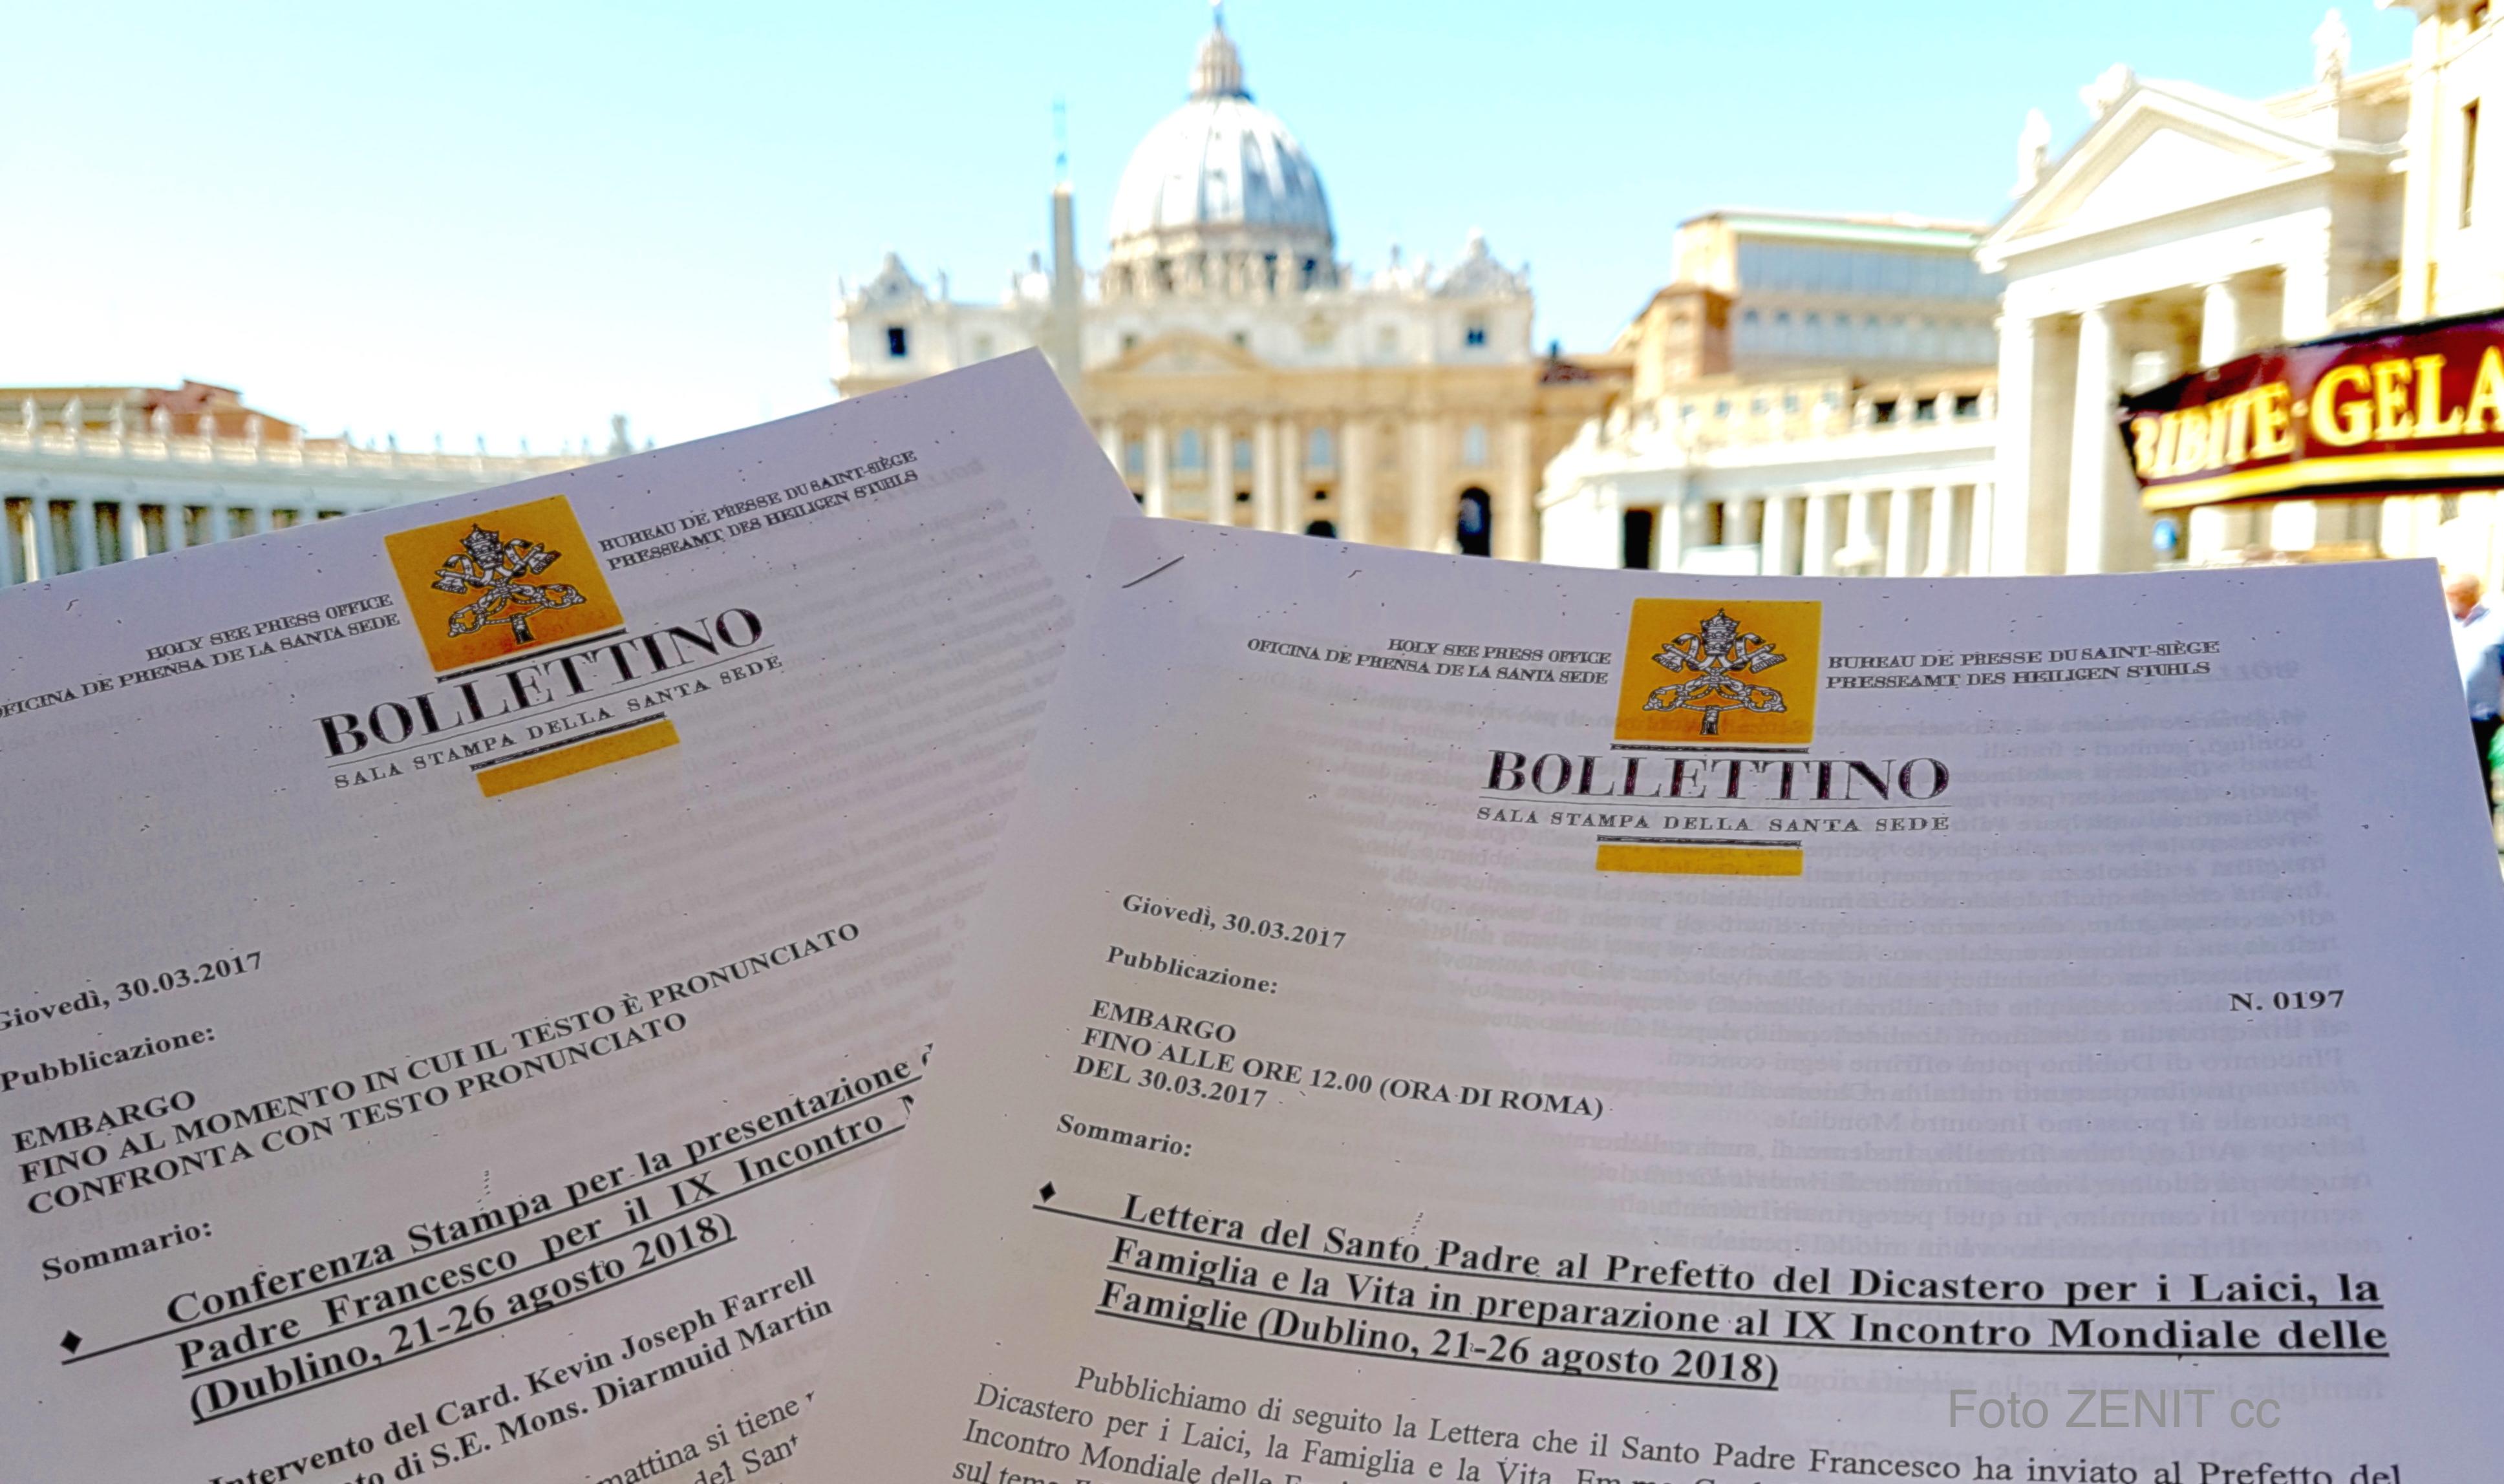 La Carta y textos divulgados por la Santa Sede